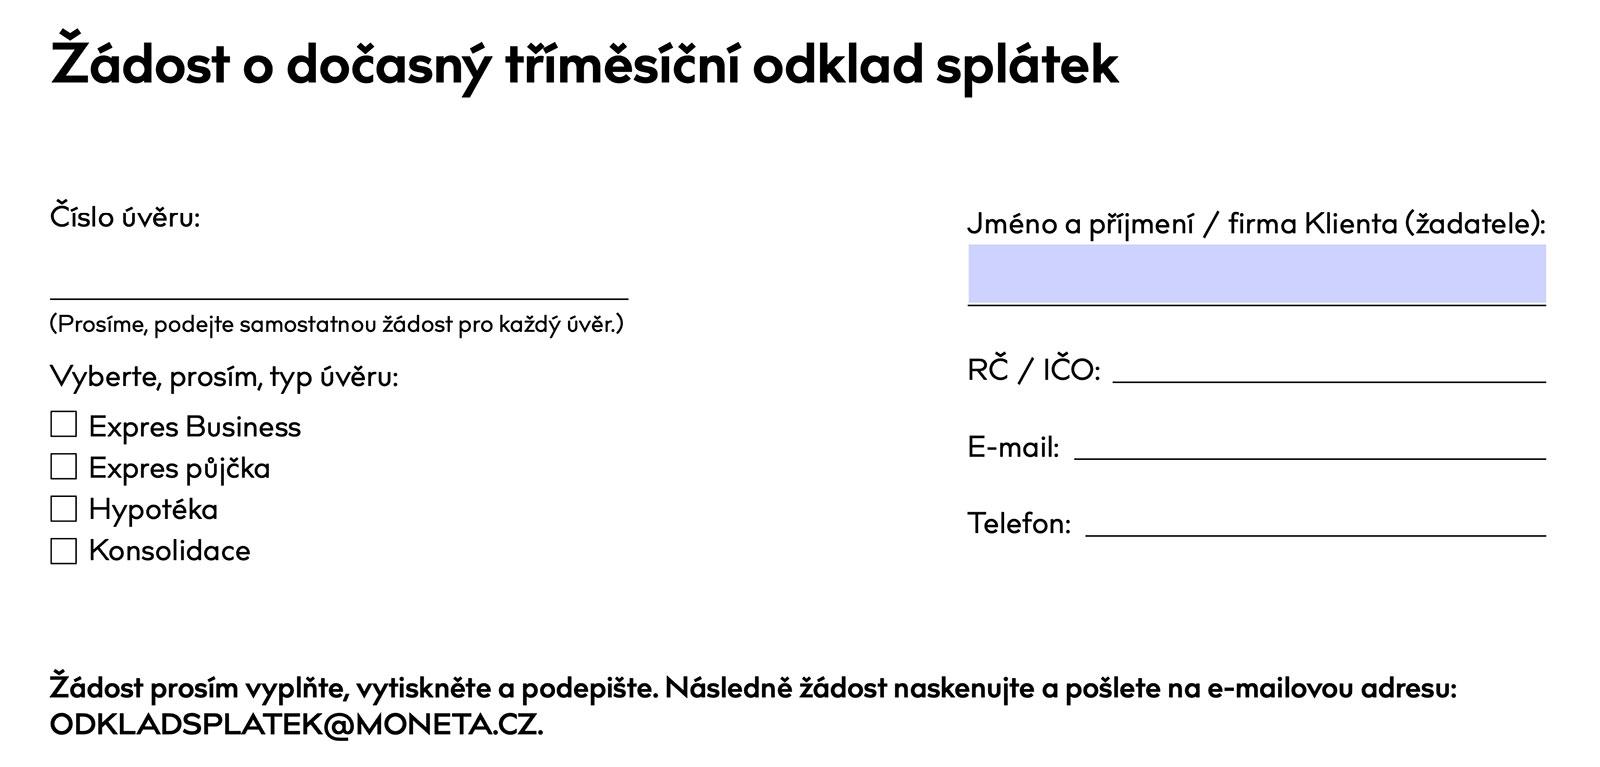 Formulář pro odklad splátek na www.moneta.cz